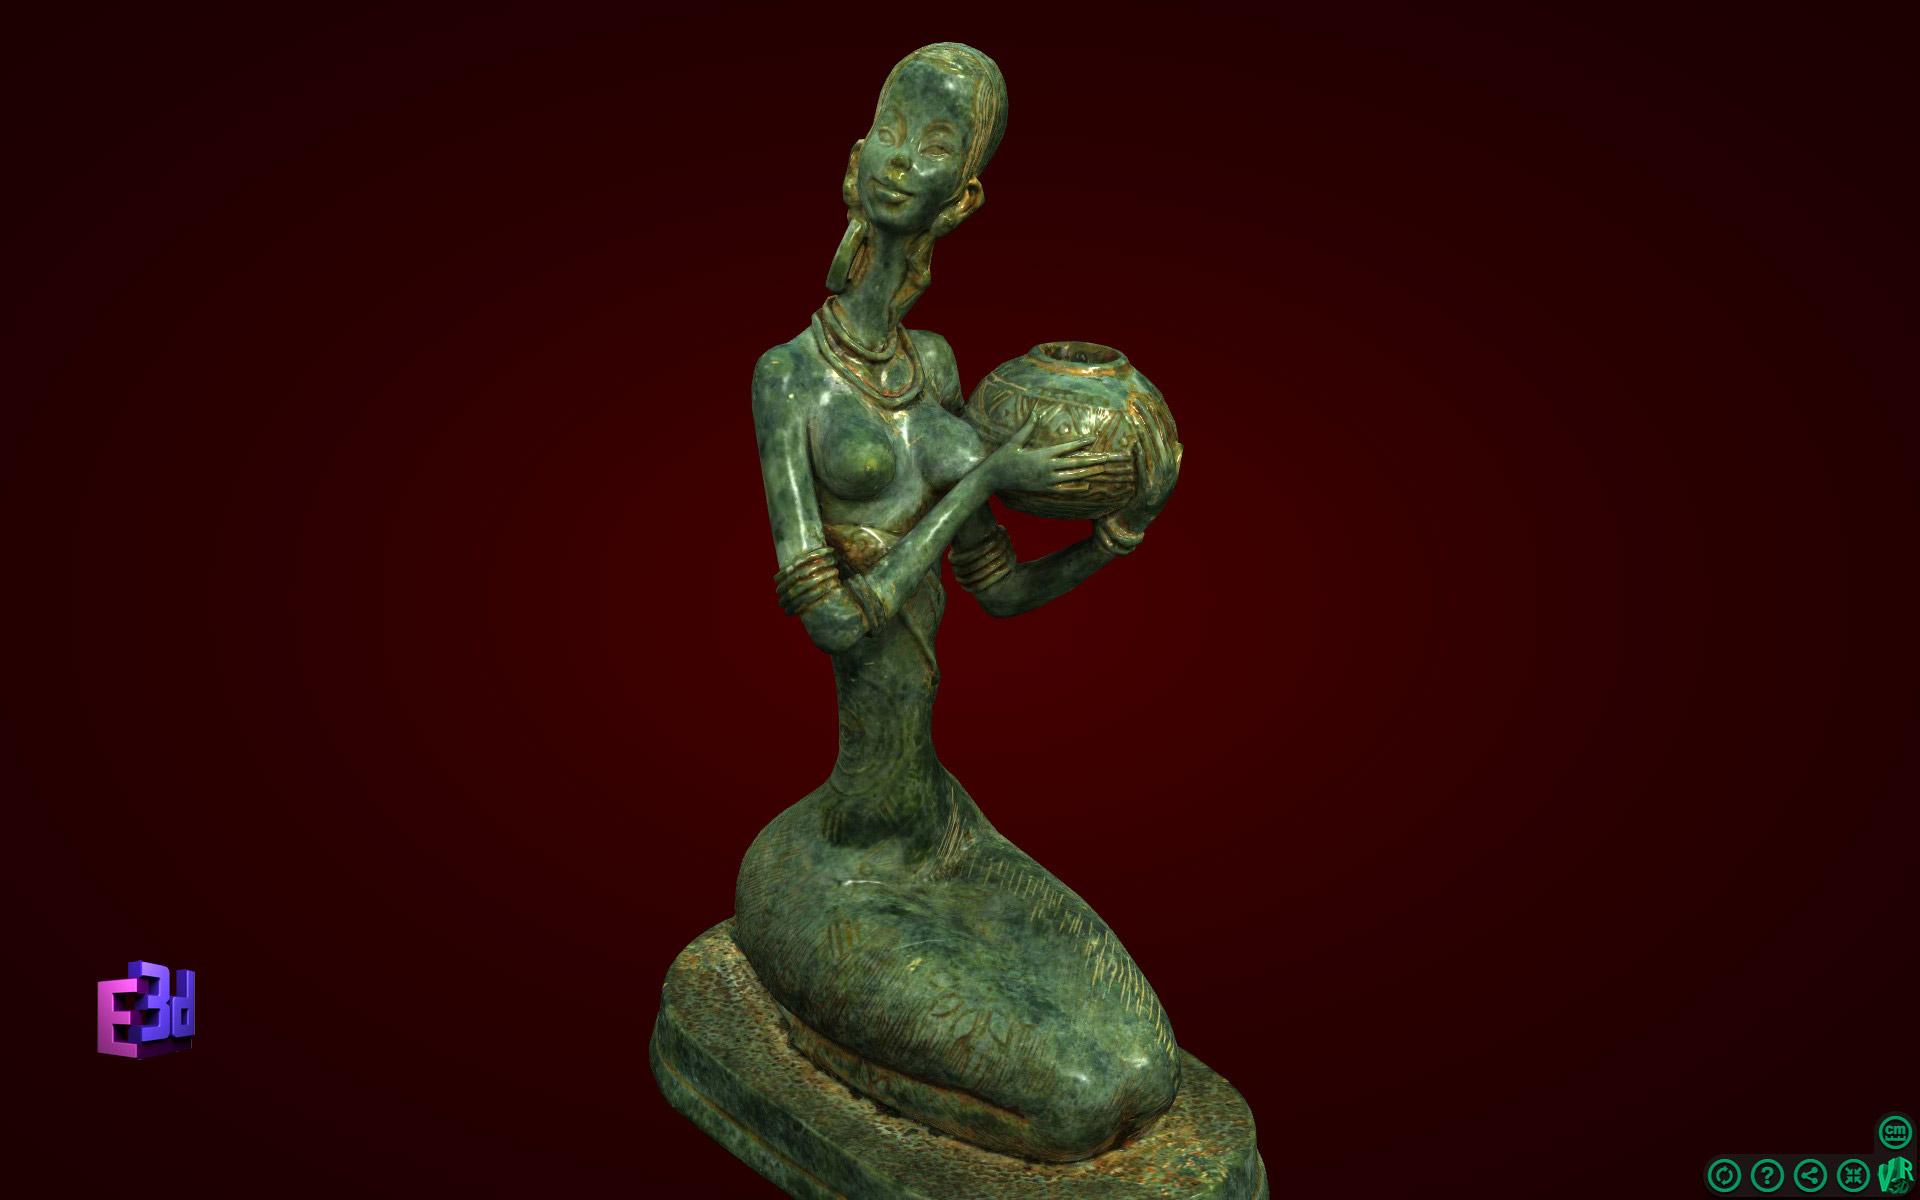 Cô gái ngồi bê lọ - Tượng nghệ thuật